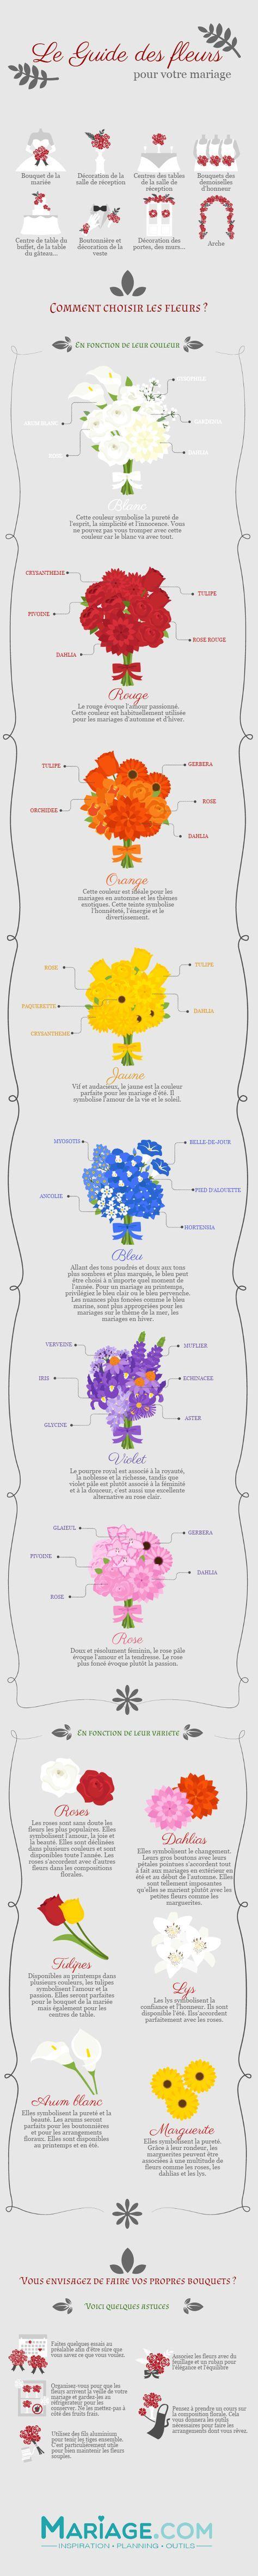 guide des fleurs infographie